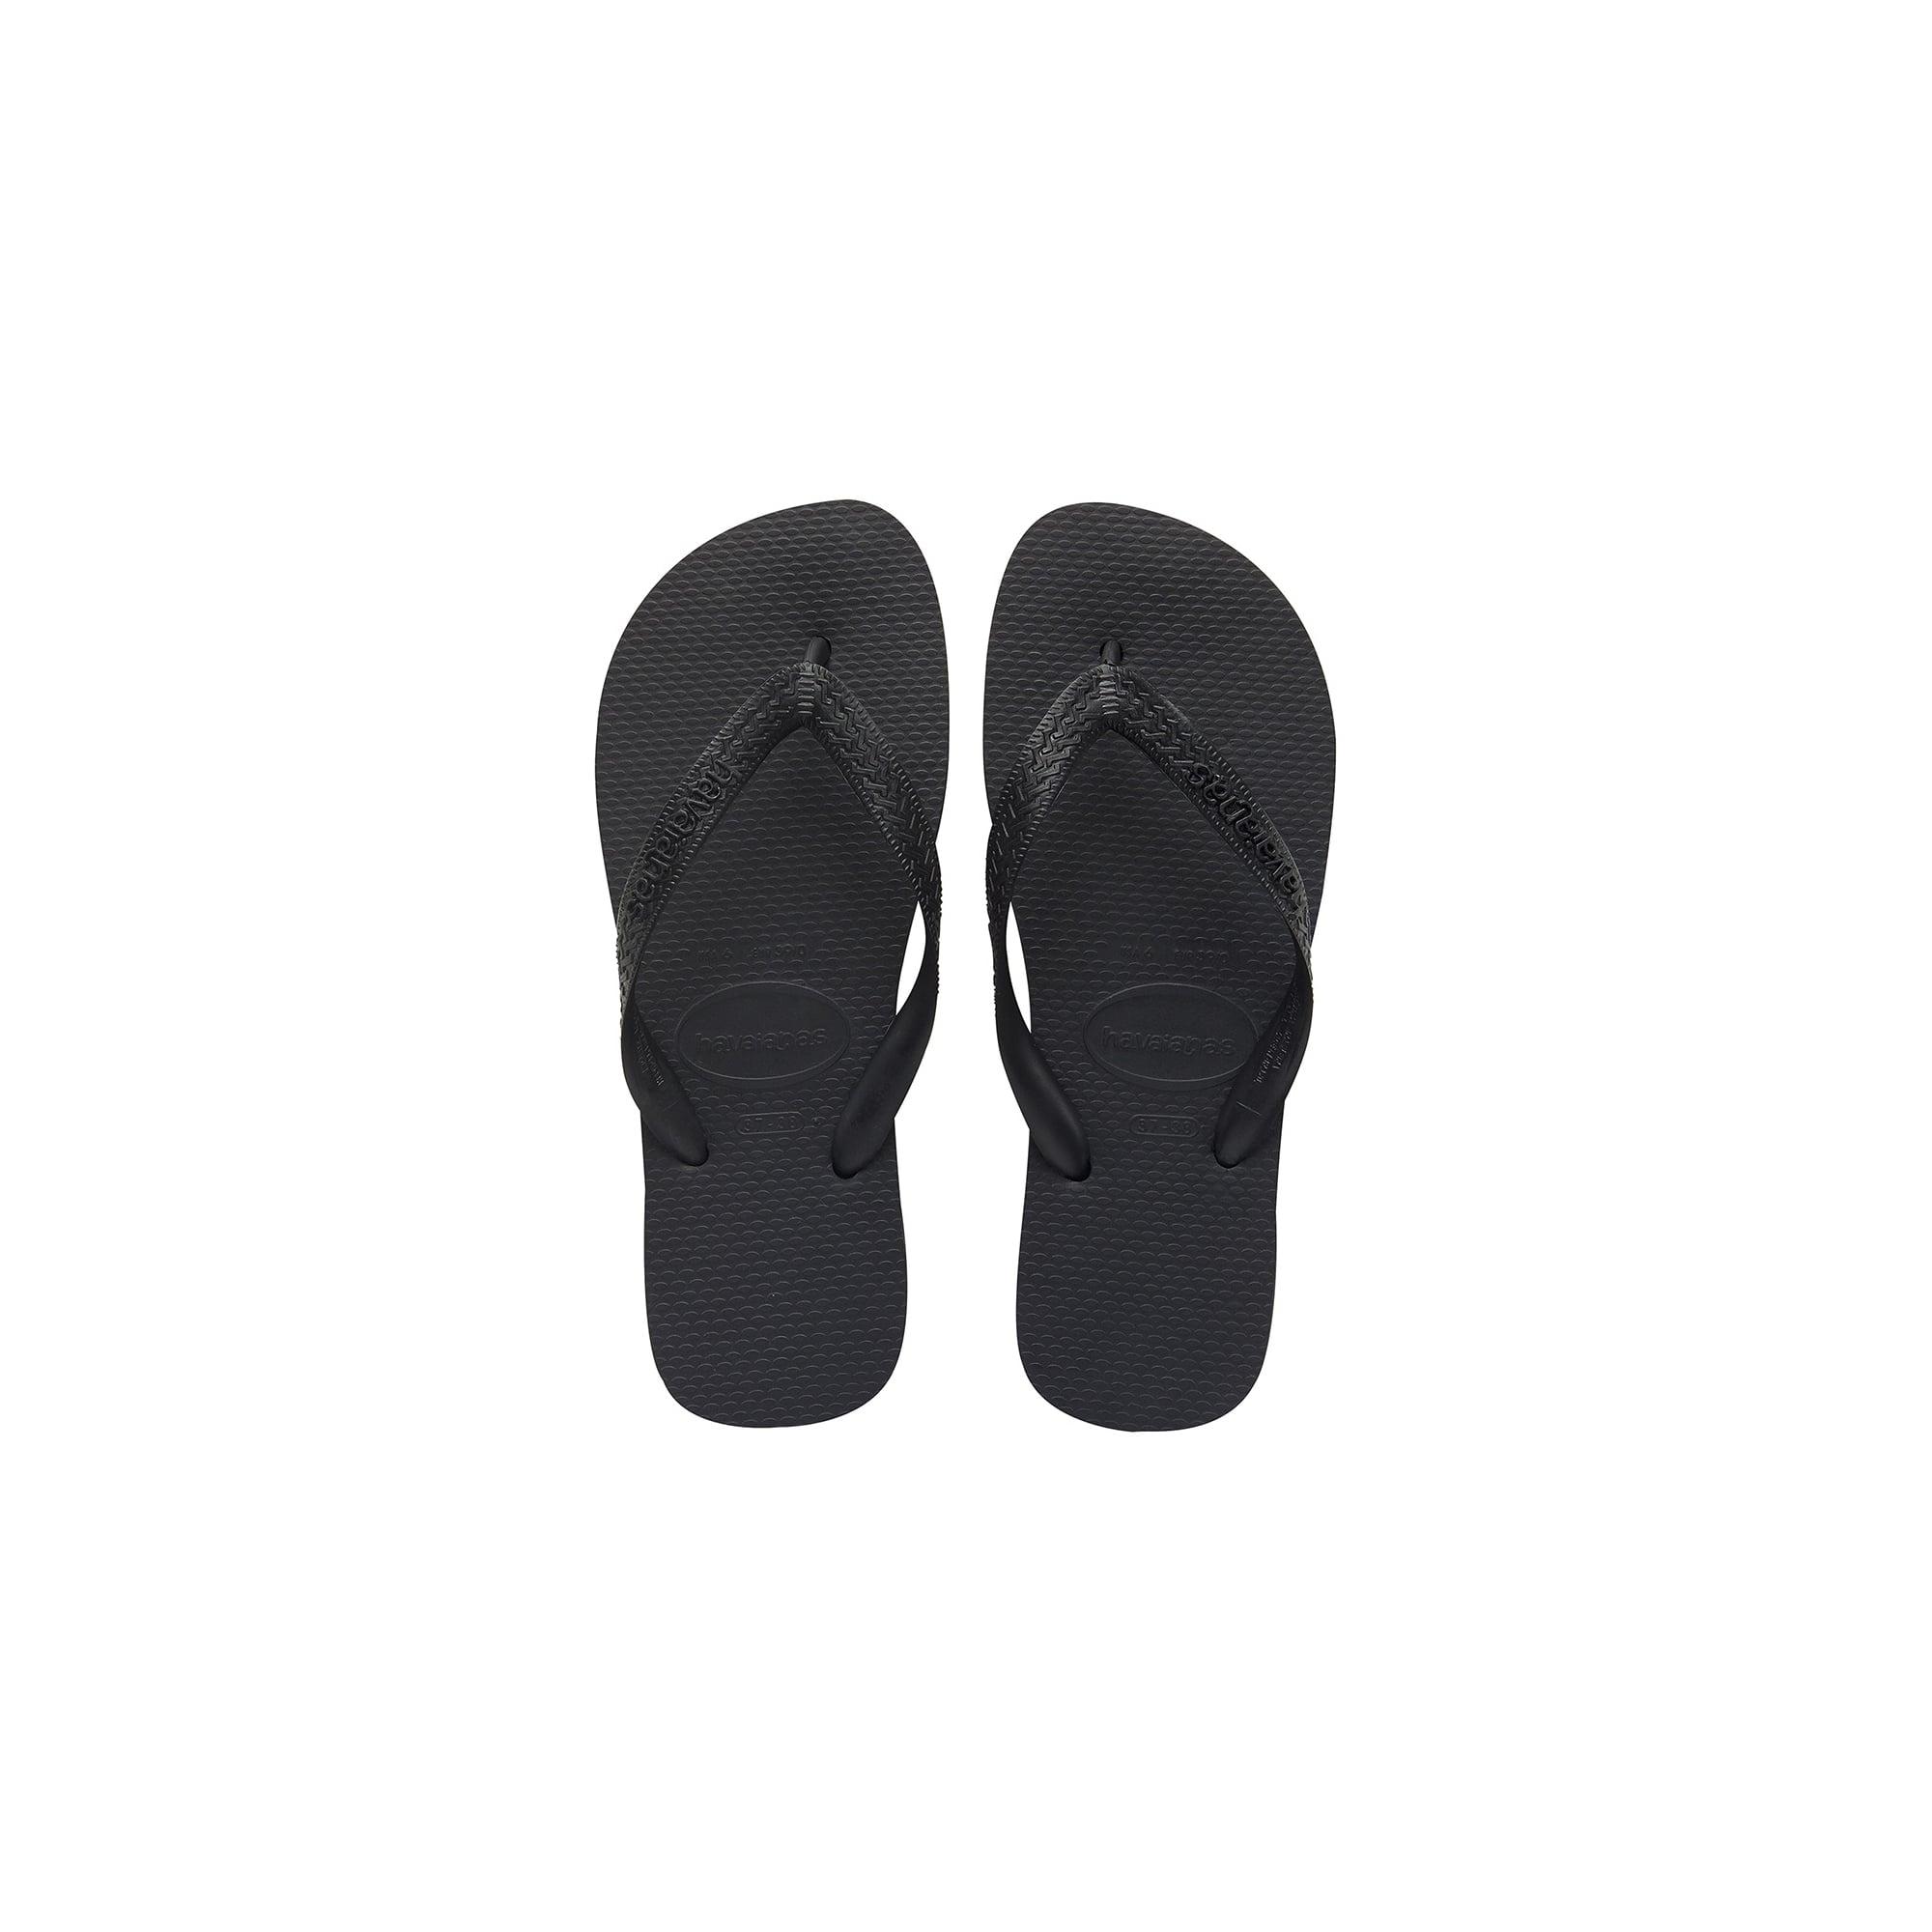 23692929b Havaianas Top Flip Flop in Black